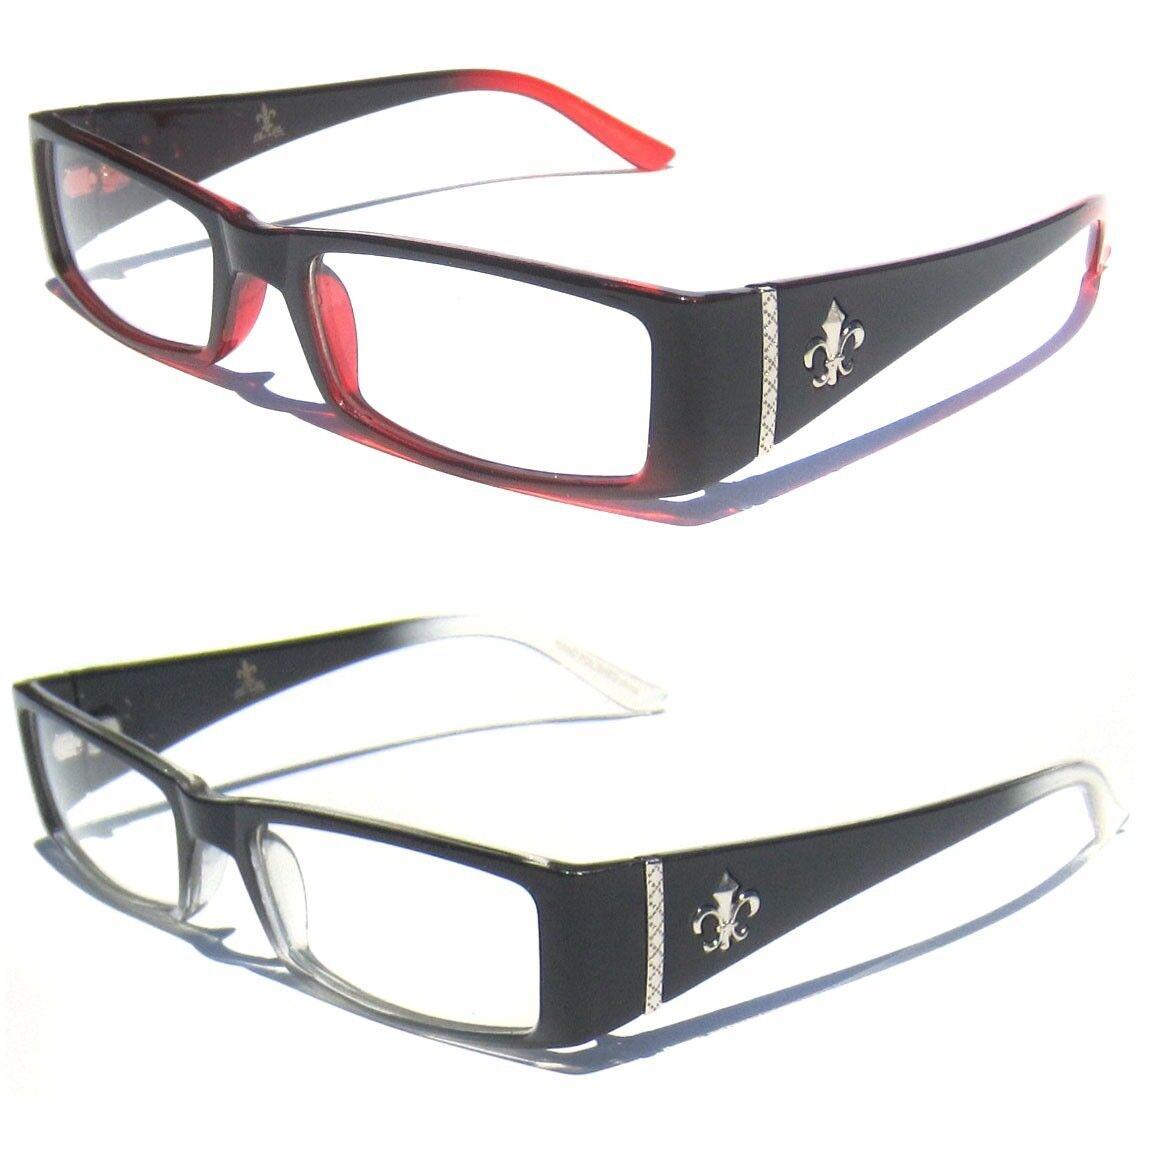 581b28c5649f Details about Fleur-de-lis Design CLEAR LENS GLASSES Retro Vintage Style  Polite Slim Frame New